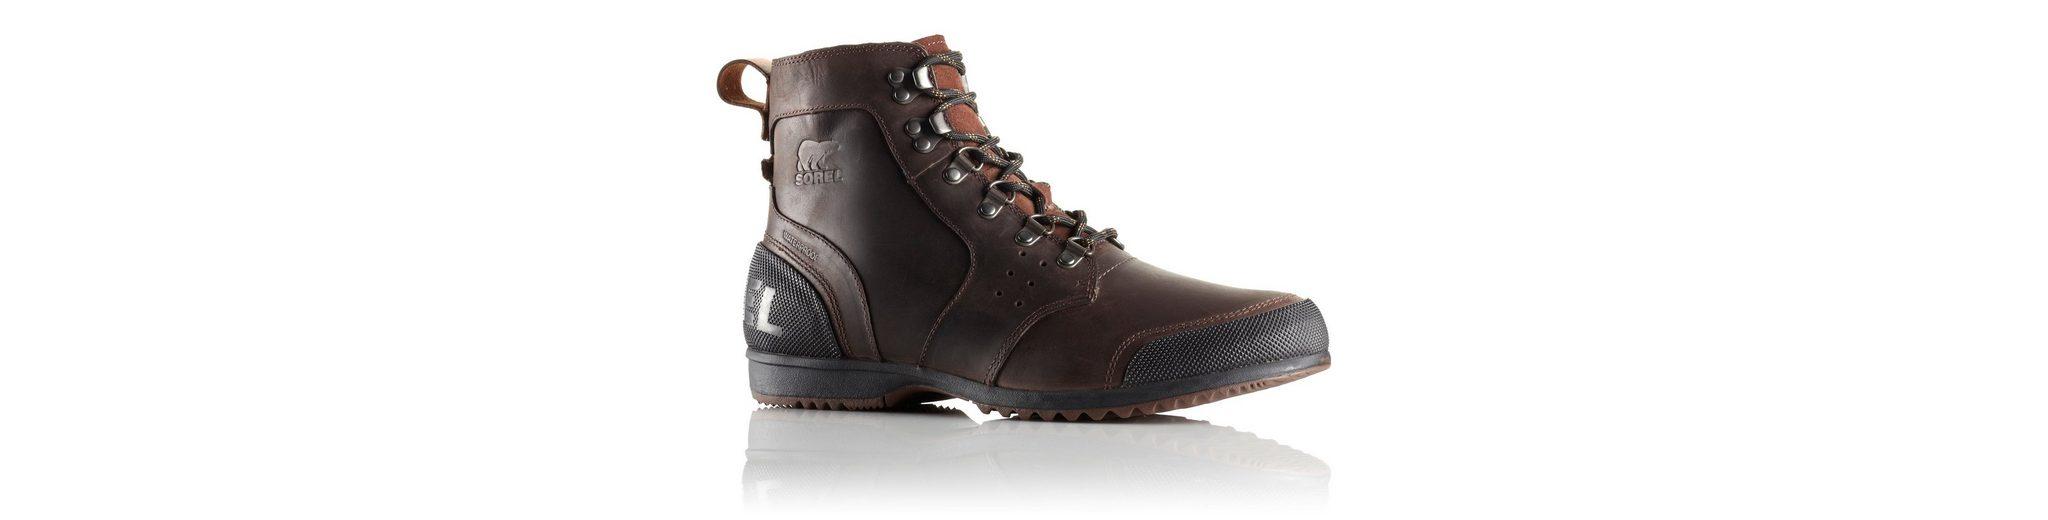 Sorel Kletterschuh Ankeny Hiker Men Mid Preiswerte Reale Finish Qualität Aus Deutschland Großhandel xC6wnJVjx